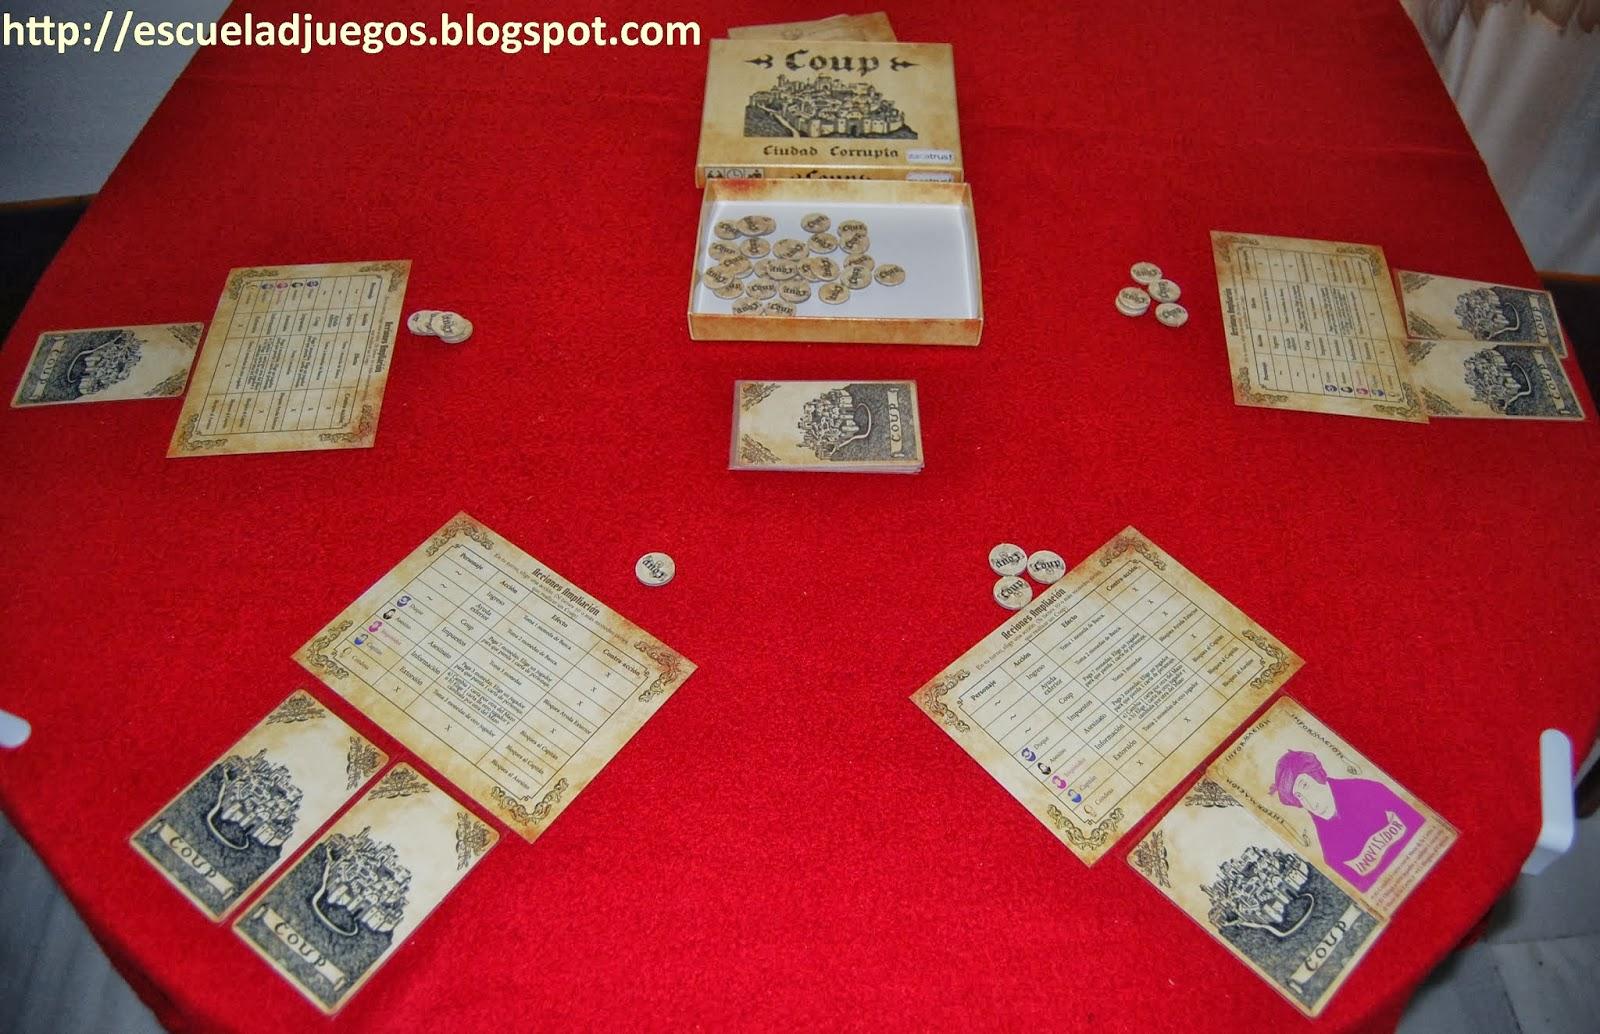 Reseña de Coup: Ciudad corrupta, juego de faroleo para entre 2 y 6 jugadores editado en español por Zacatrus